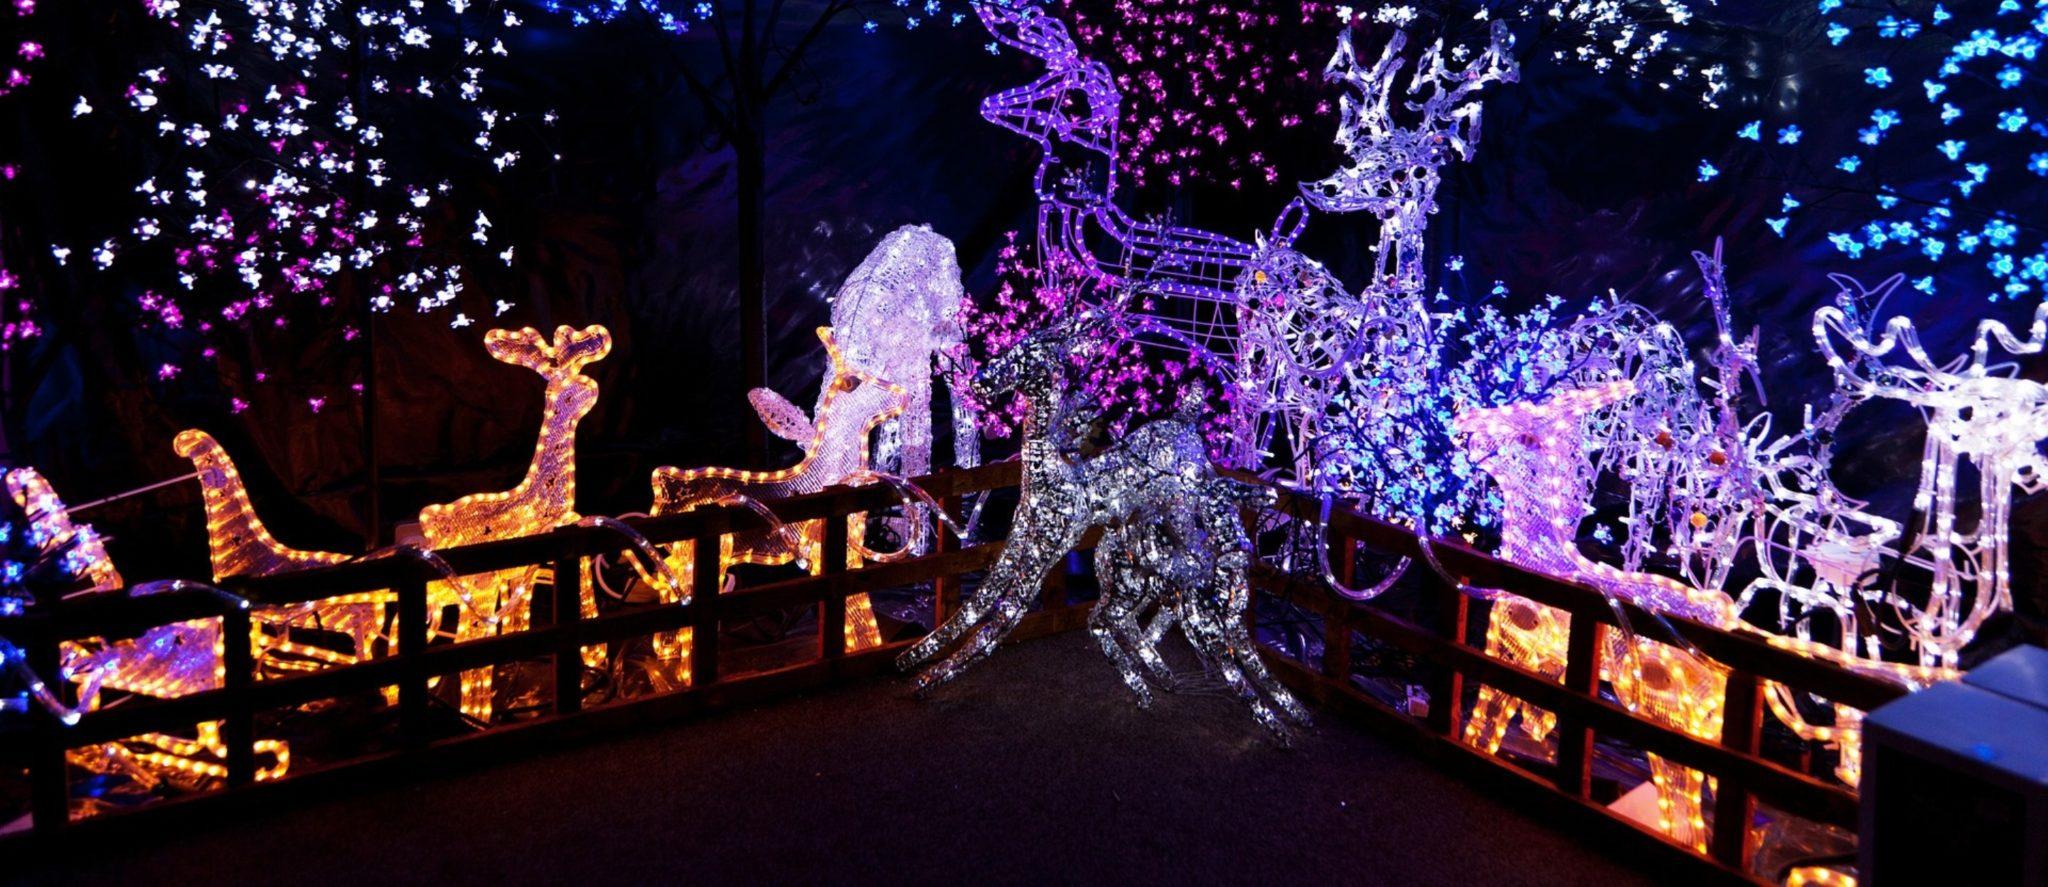 Guirlande A Pile Exterieur - Noel Decoration encequiconcerne Guirlande Lumineuse Exterieur Professionnel